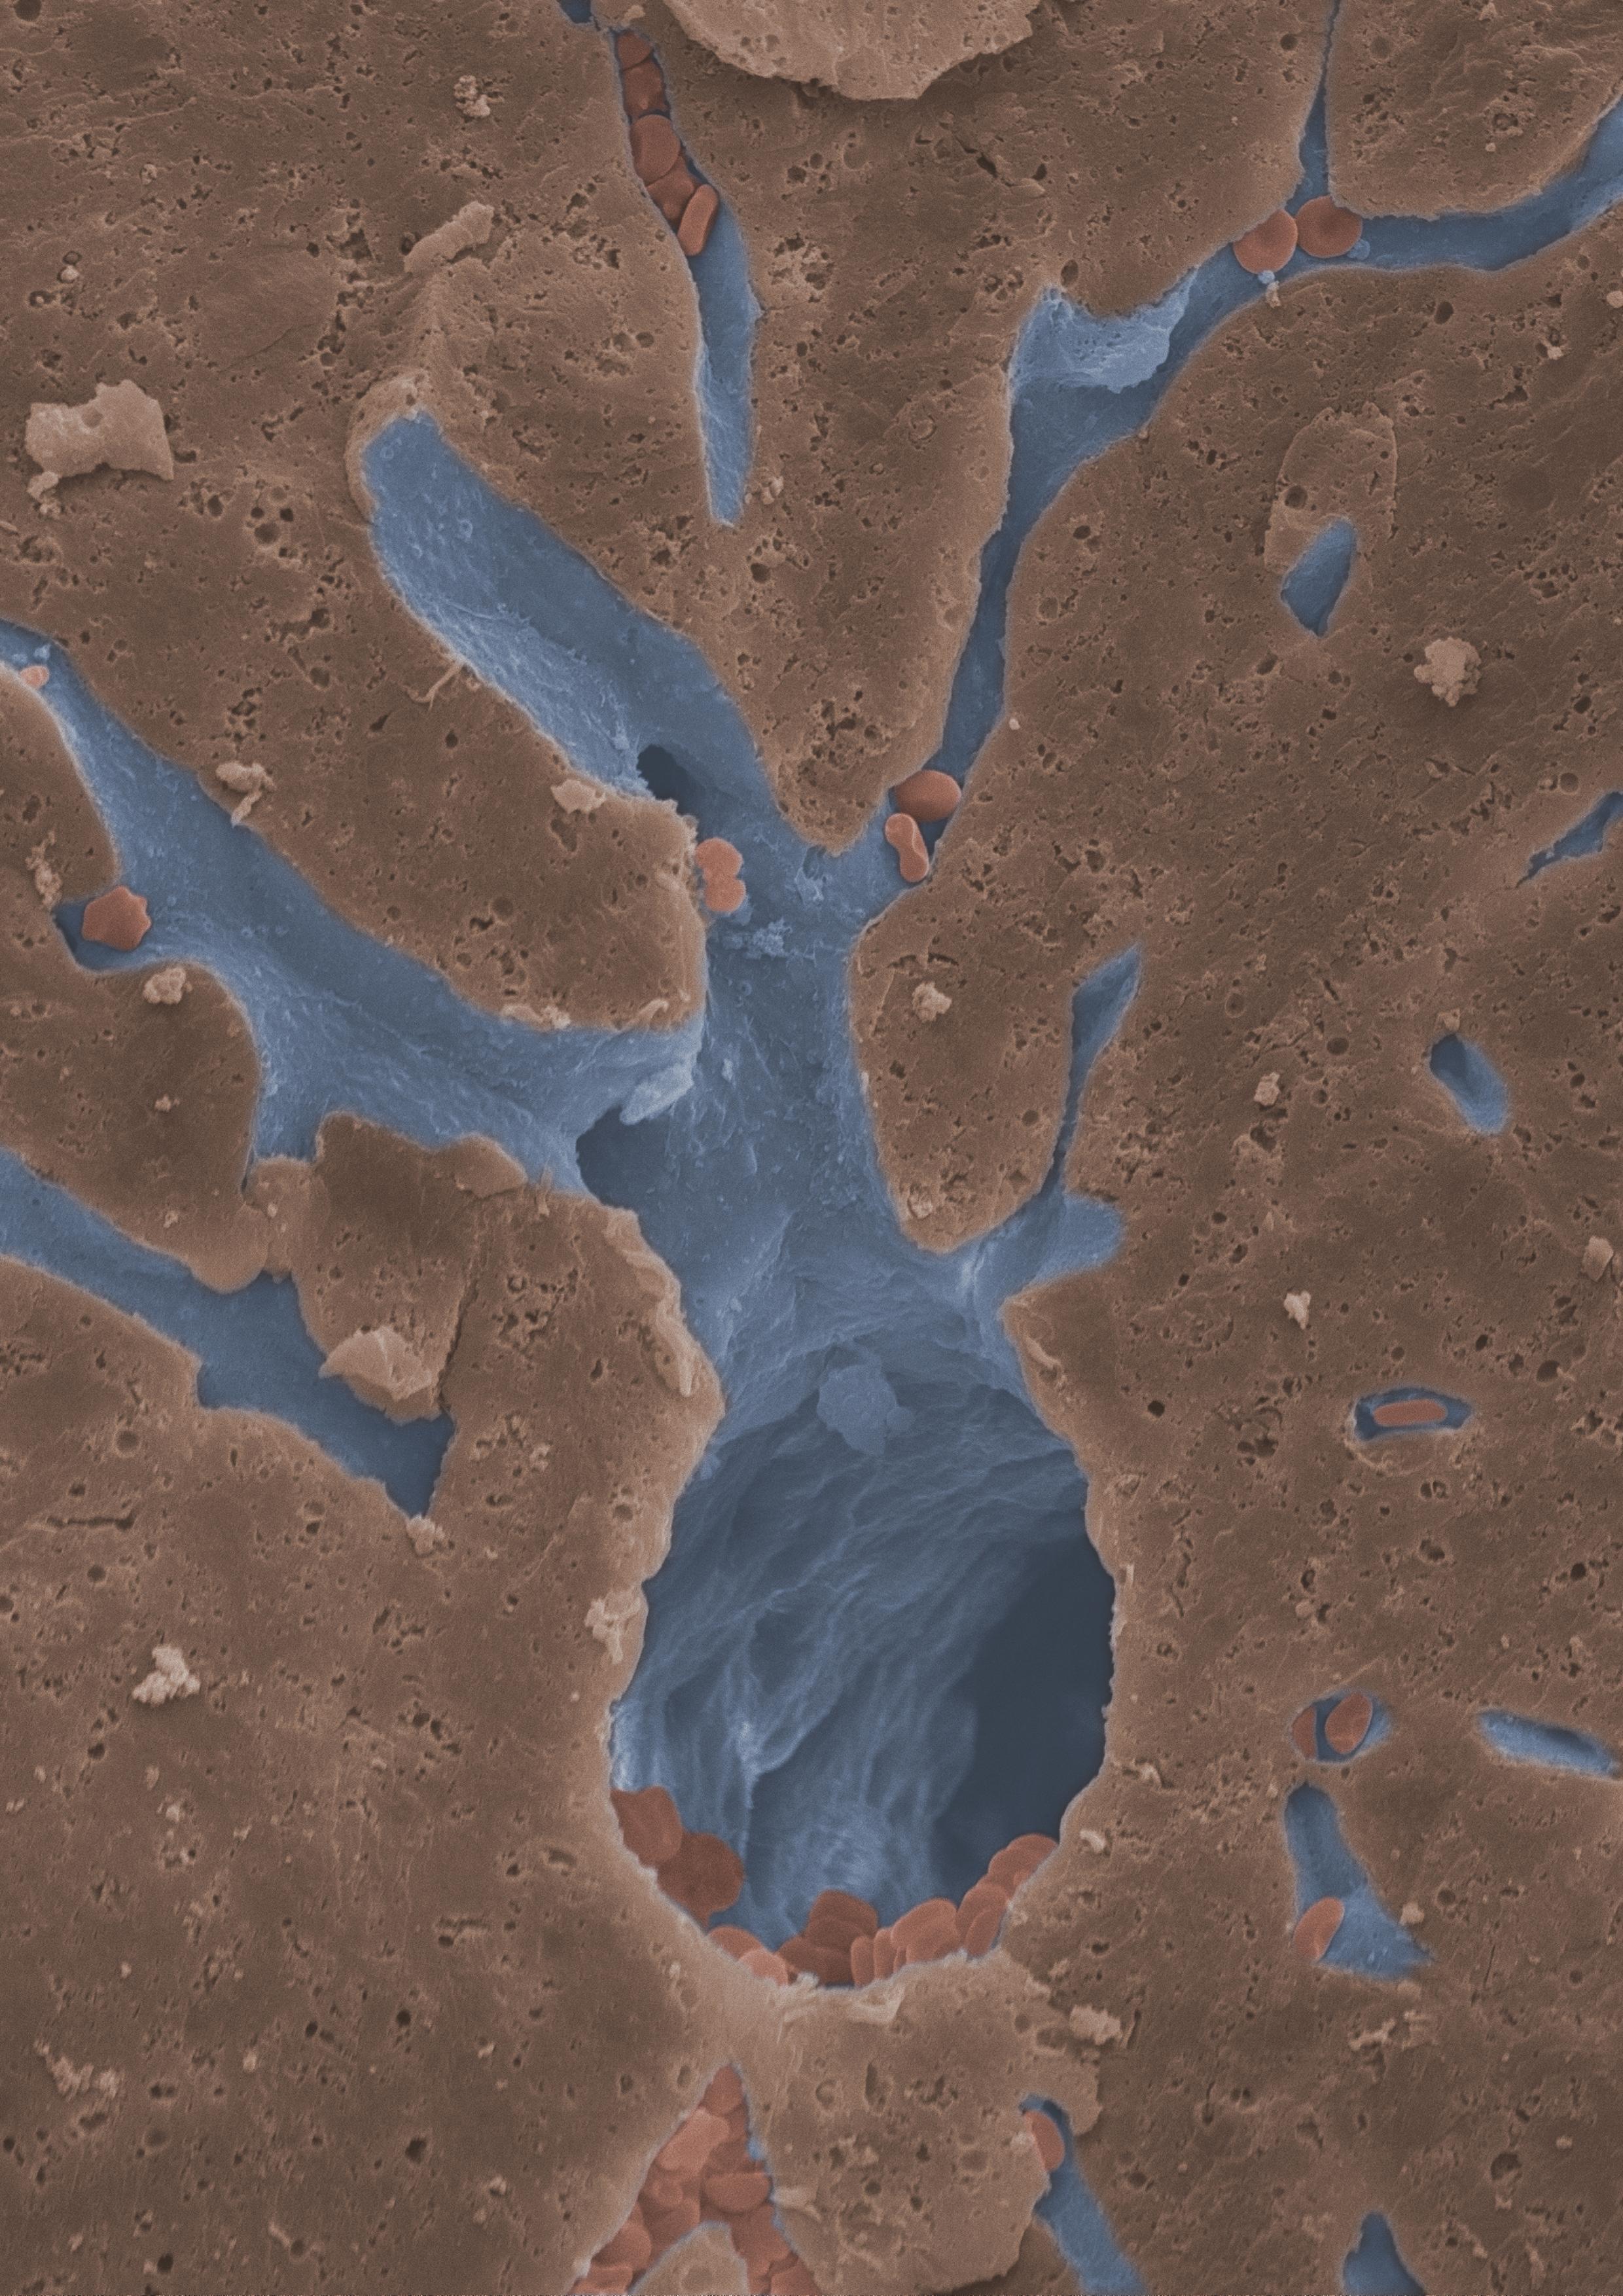 Eine Darstellung eines artifiziell gefärbten Blutgefäßes ist gezeigt. Es handelt sich um eine rasterelektronenmikroskopische Aufnahme eines hepatischen Blutgefäßes.